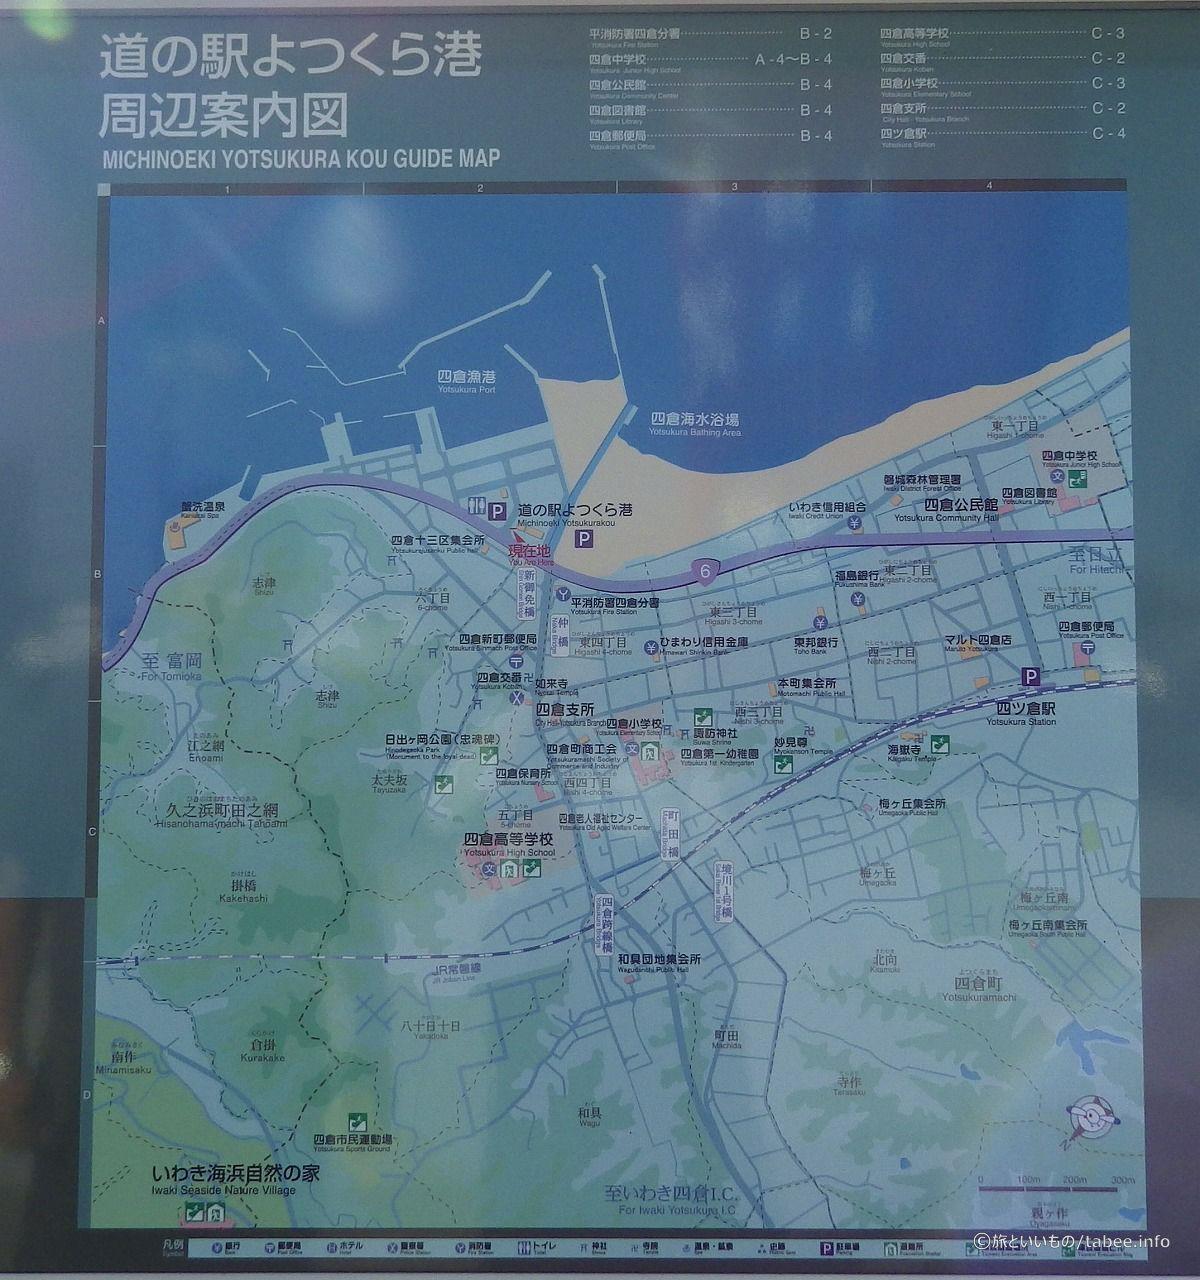 道の駅よつくら港周辺地図